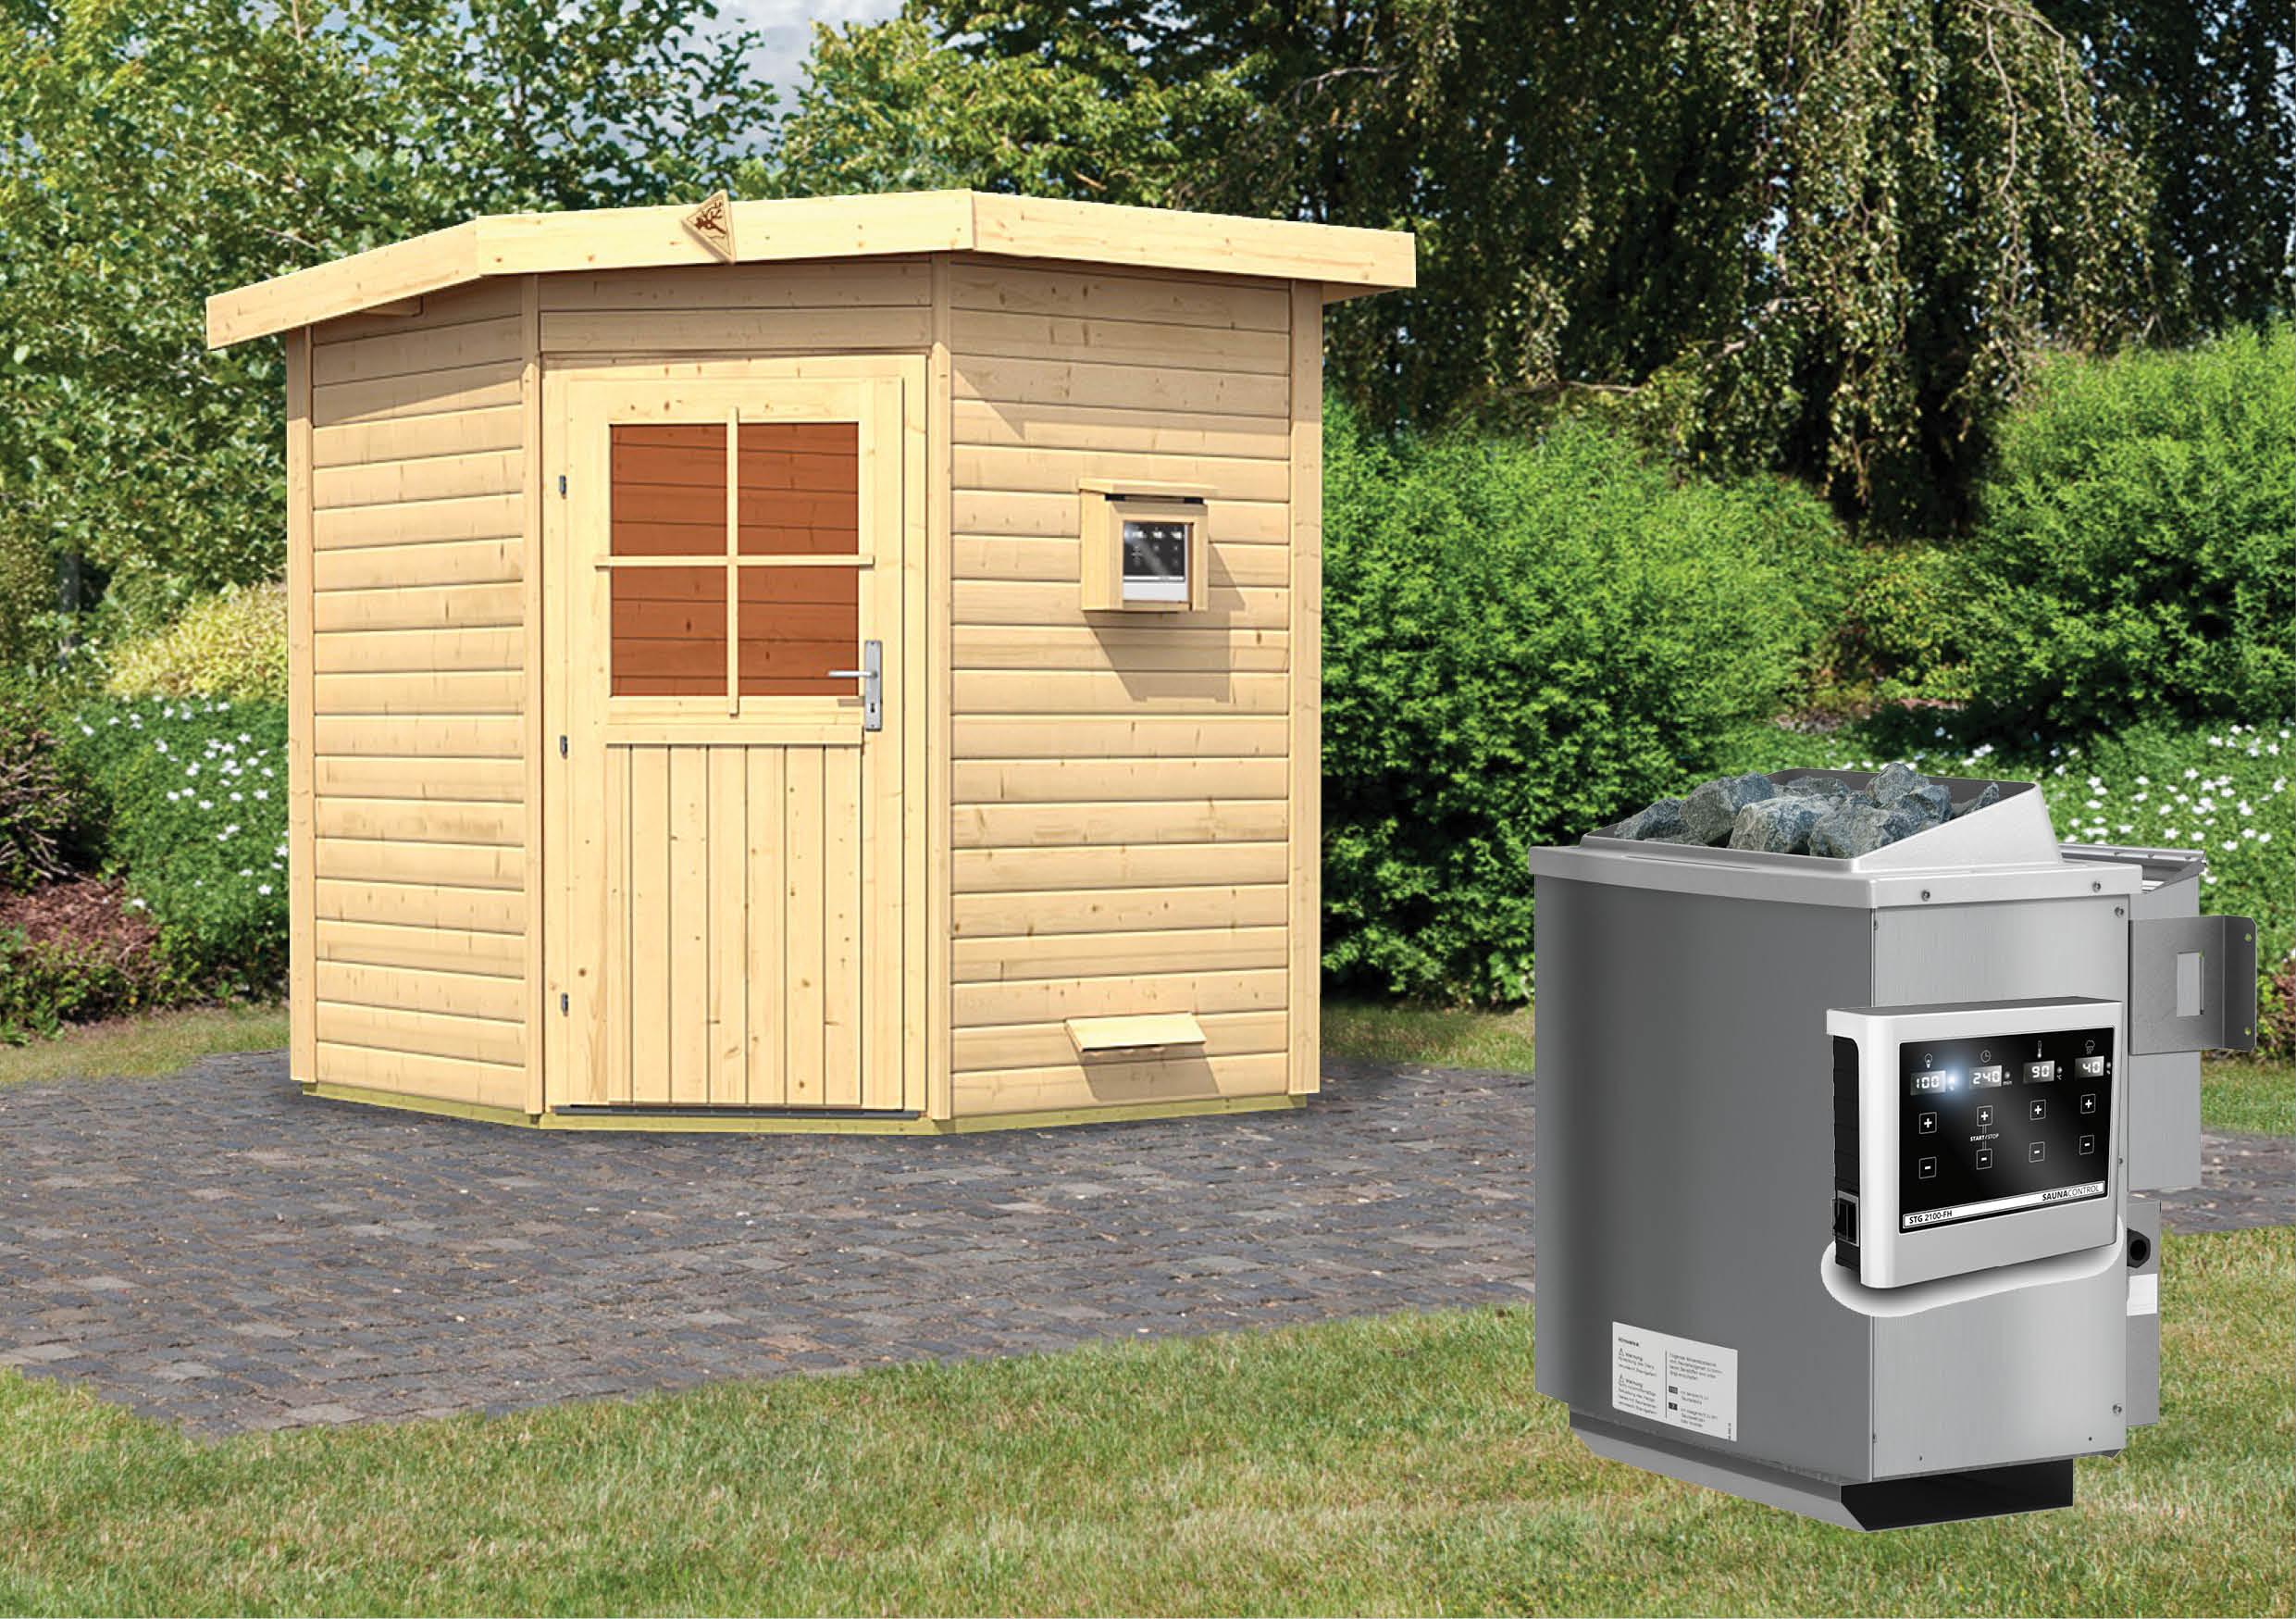 karibu gartensauna pekka 1 96 x 1 96 m 38 mm mit 9 kw ofen saunahaus au ensauna ebay. Black Bedroom Furniture Sets. Home Design Ideas